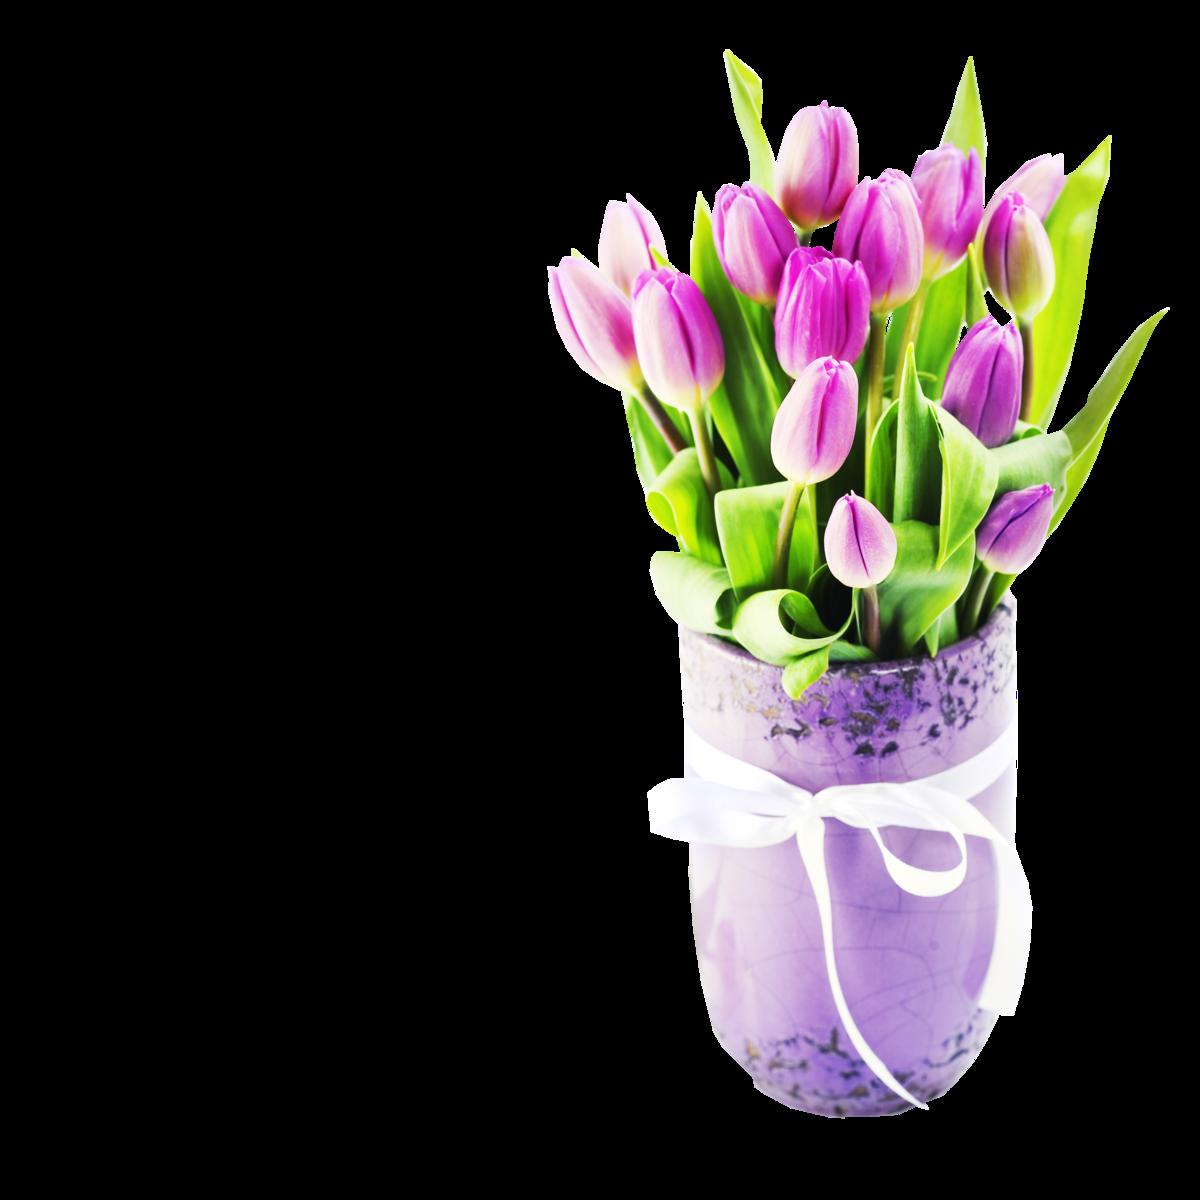 Тюльпаны открытки девушке, картинки